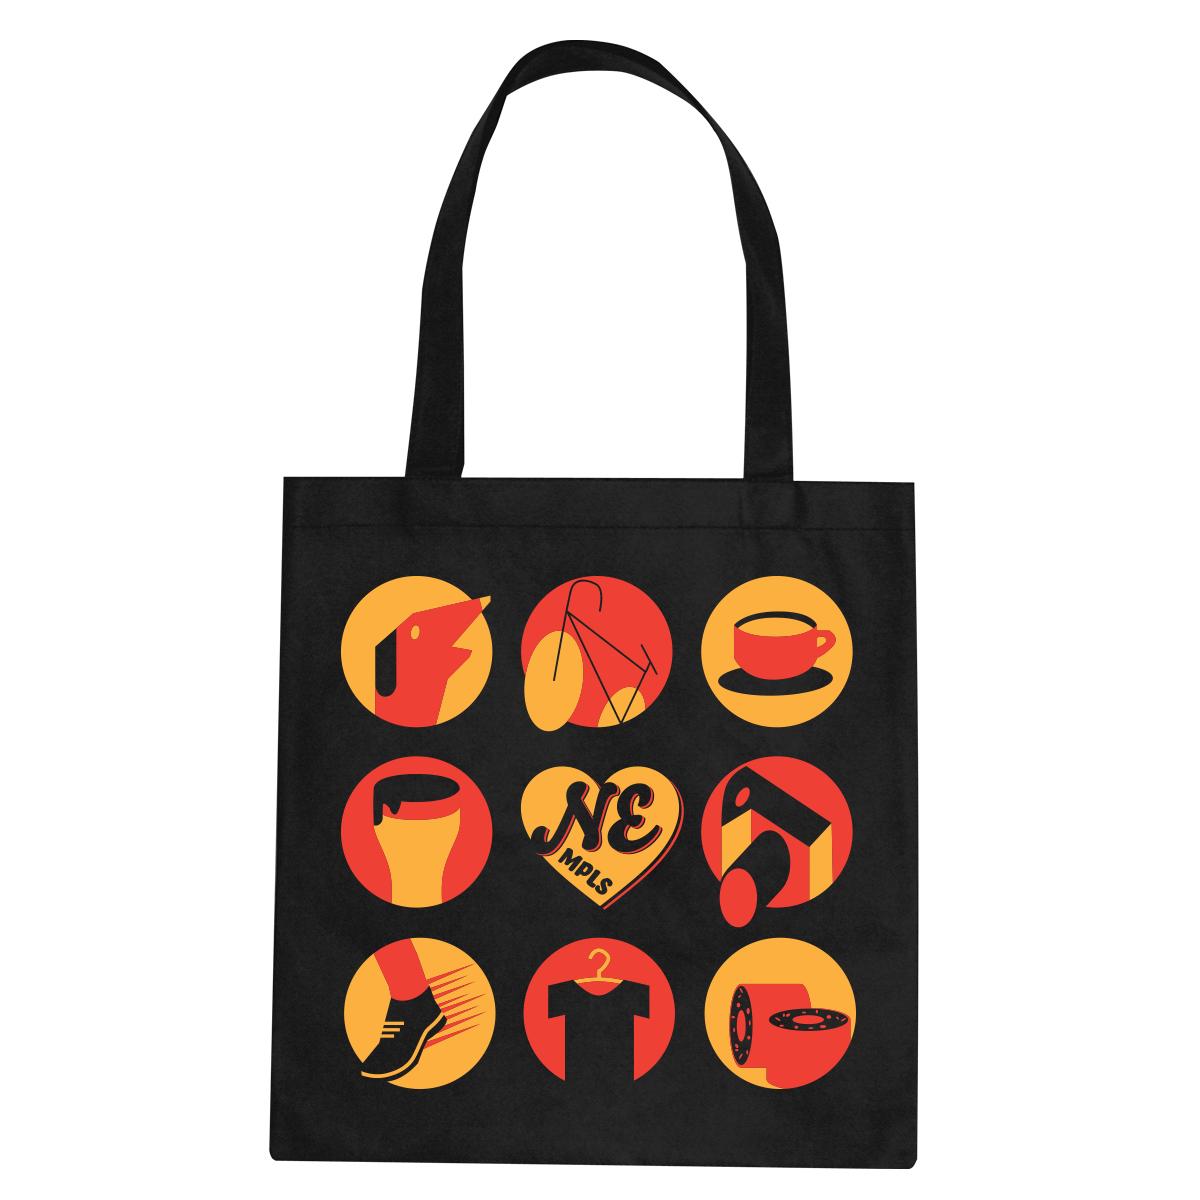 bag_front_design.png